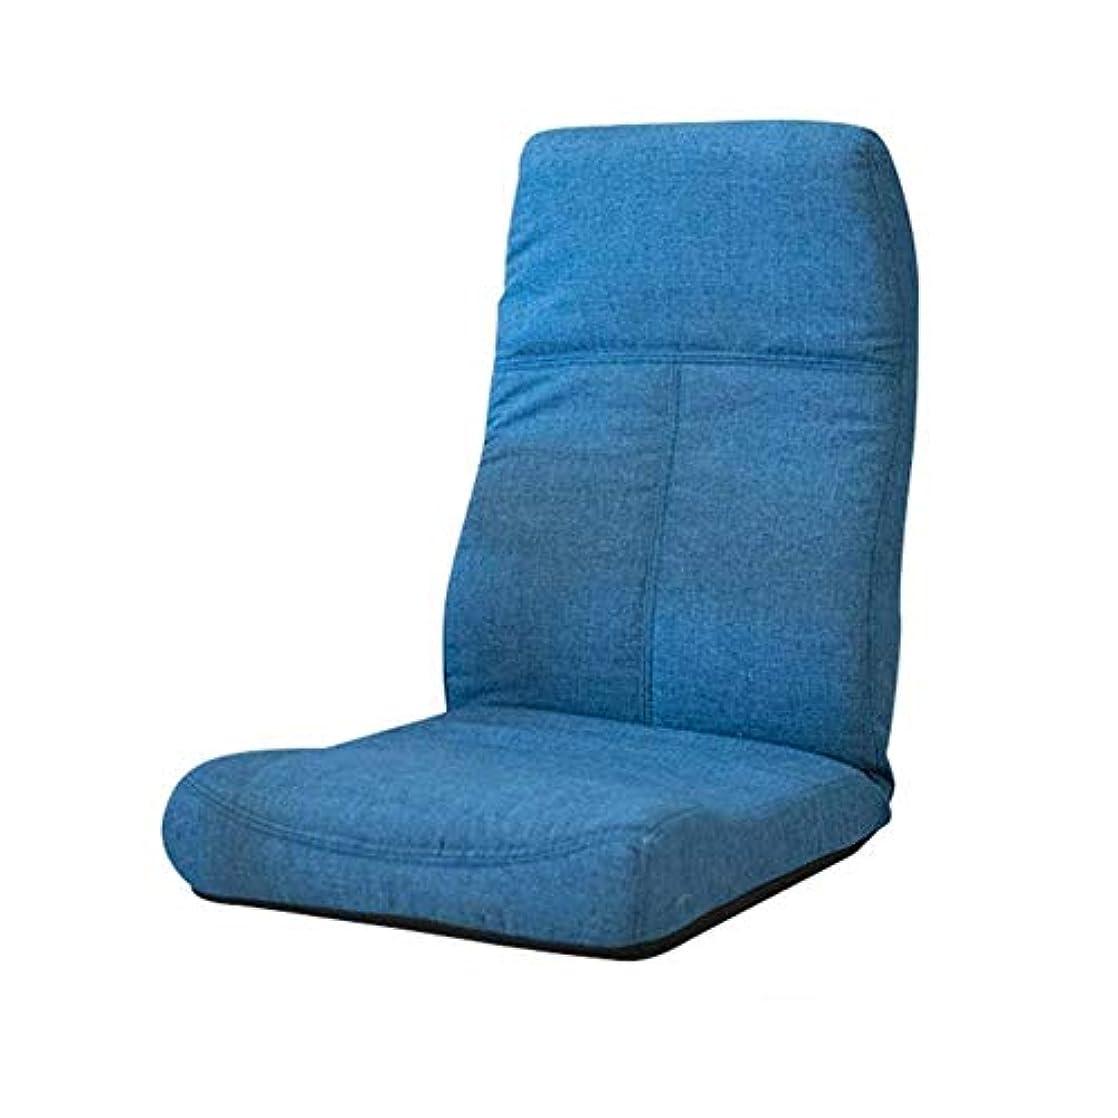 各進行中ステートメント瞑想の椅子、座るソファー、折りたたみ畳の床、折り畳み式の洗える増粘、バルコニーの寝室のコンピュータークッションブルー